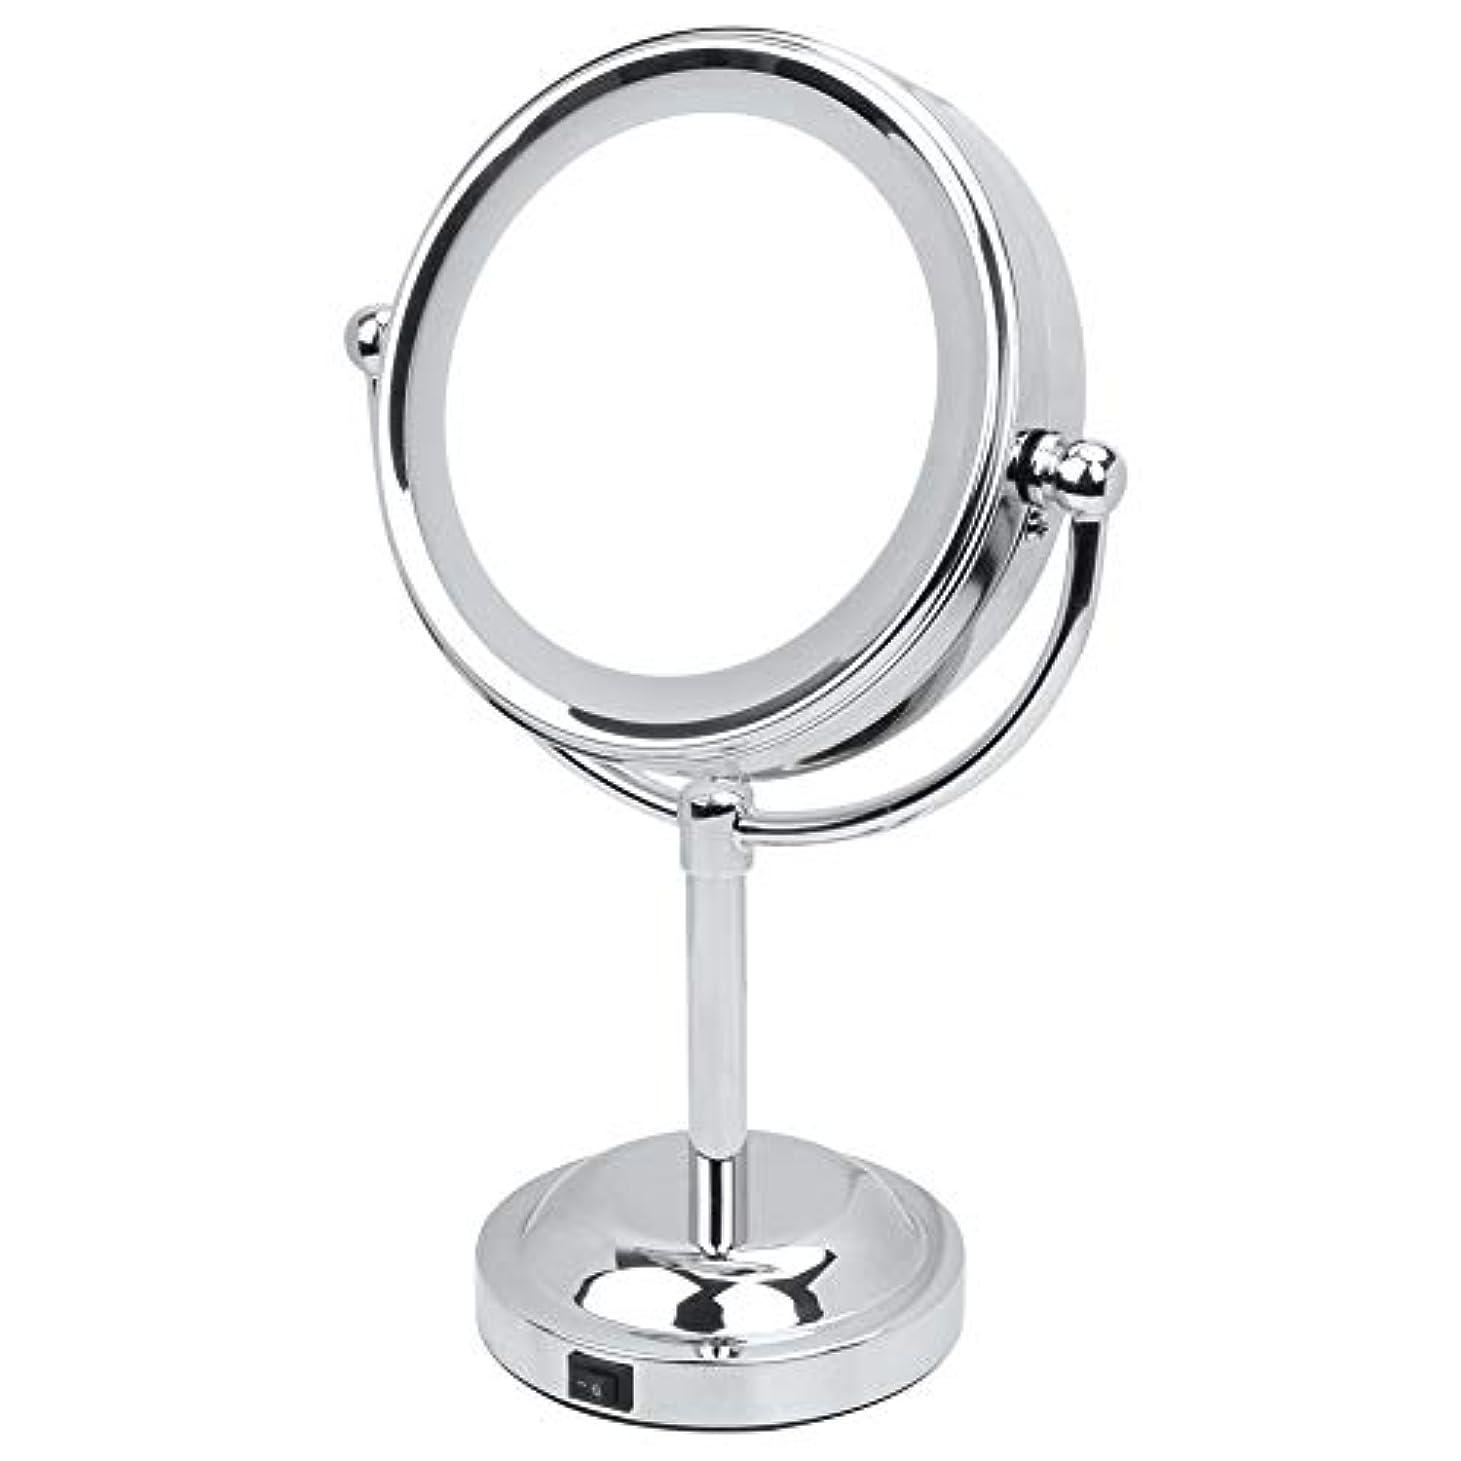 サイレン教養があるメンタル化粧鏡 3倍 拡大鏡 LED ライト付き 拡大+等倍 両面鏡 スタンドミラー 卓上 メイクミラー 360度回転 卓上ミラー 浴室鏡 女優ミラー 真実の鏡